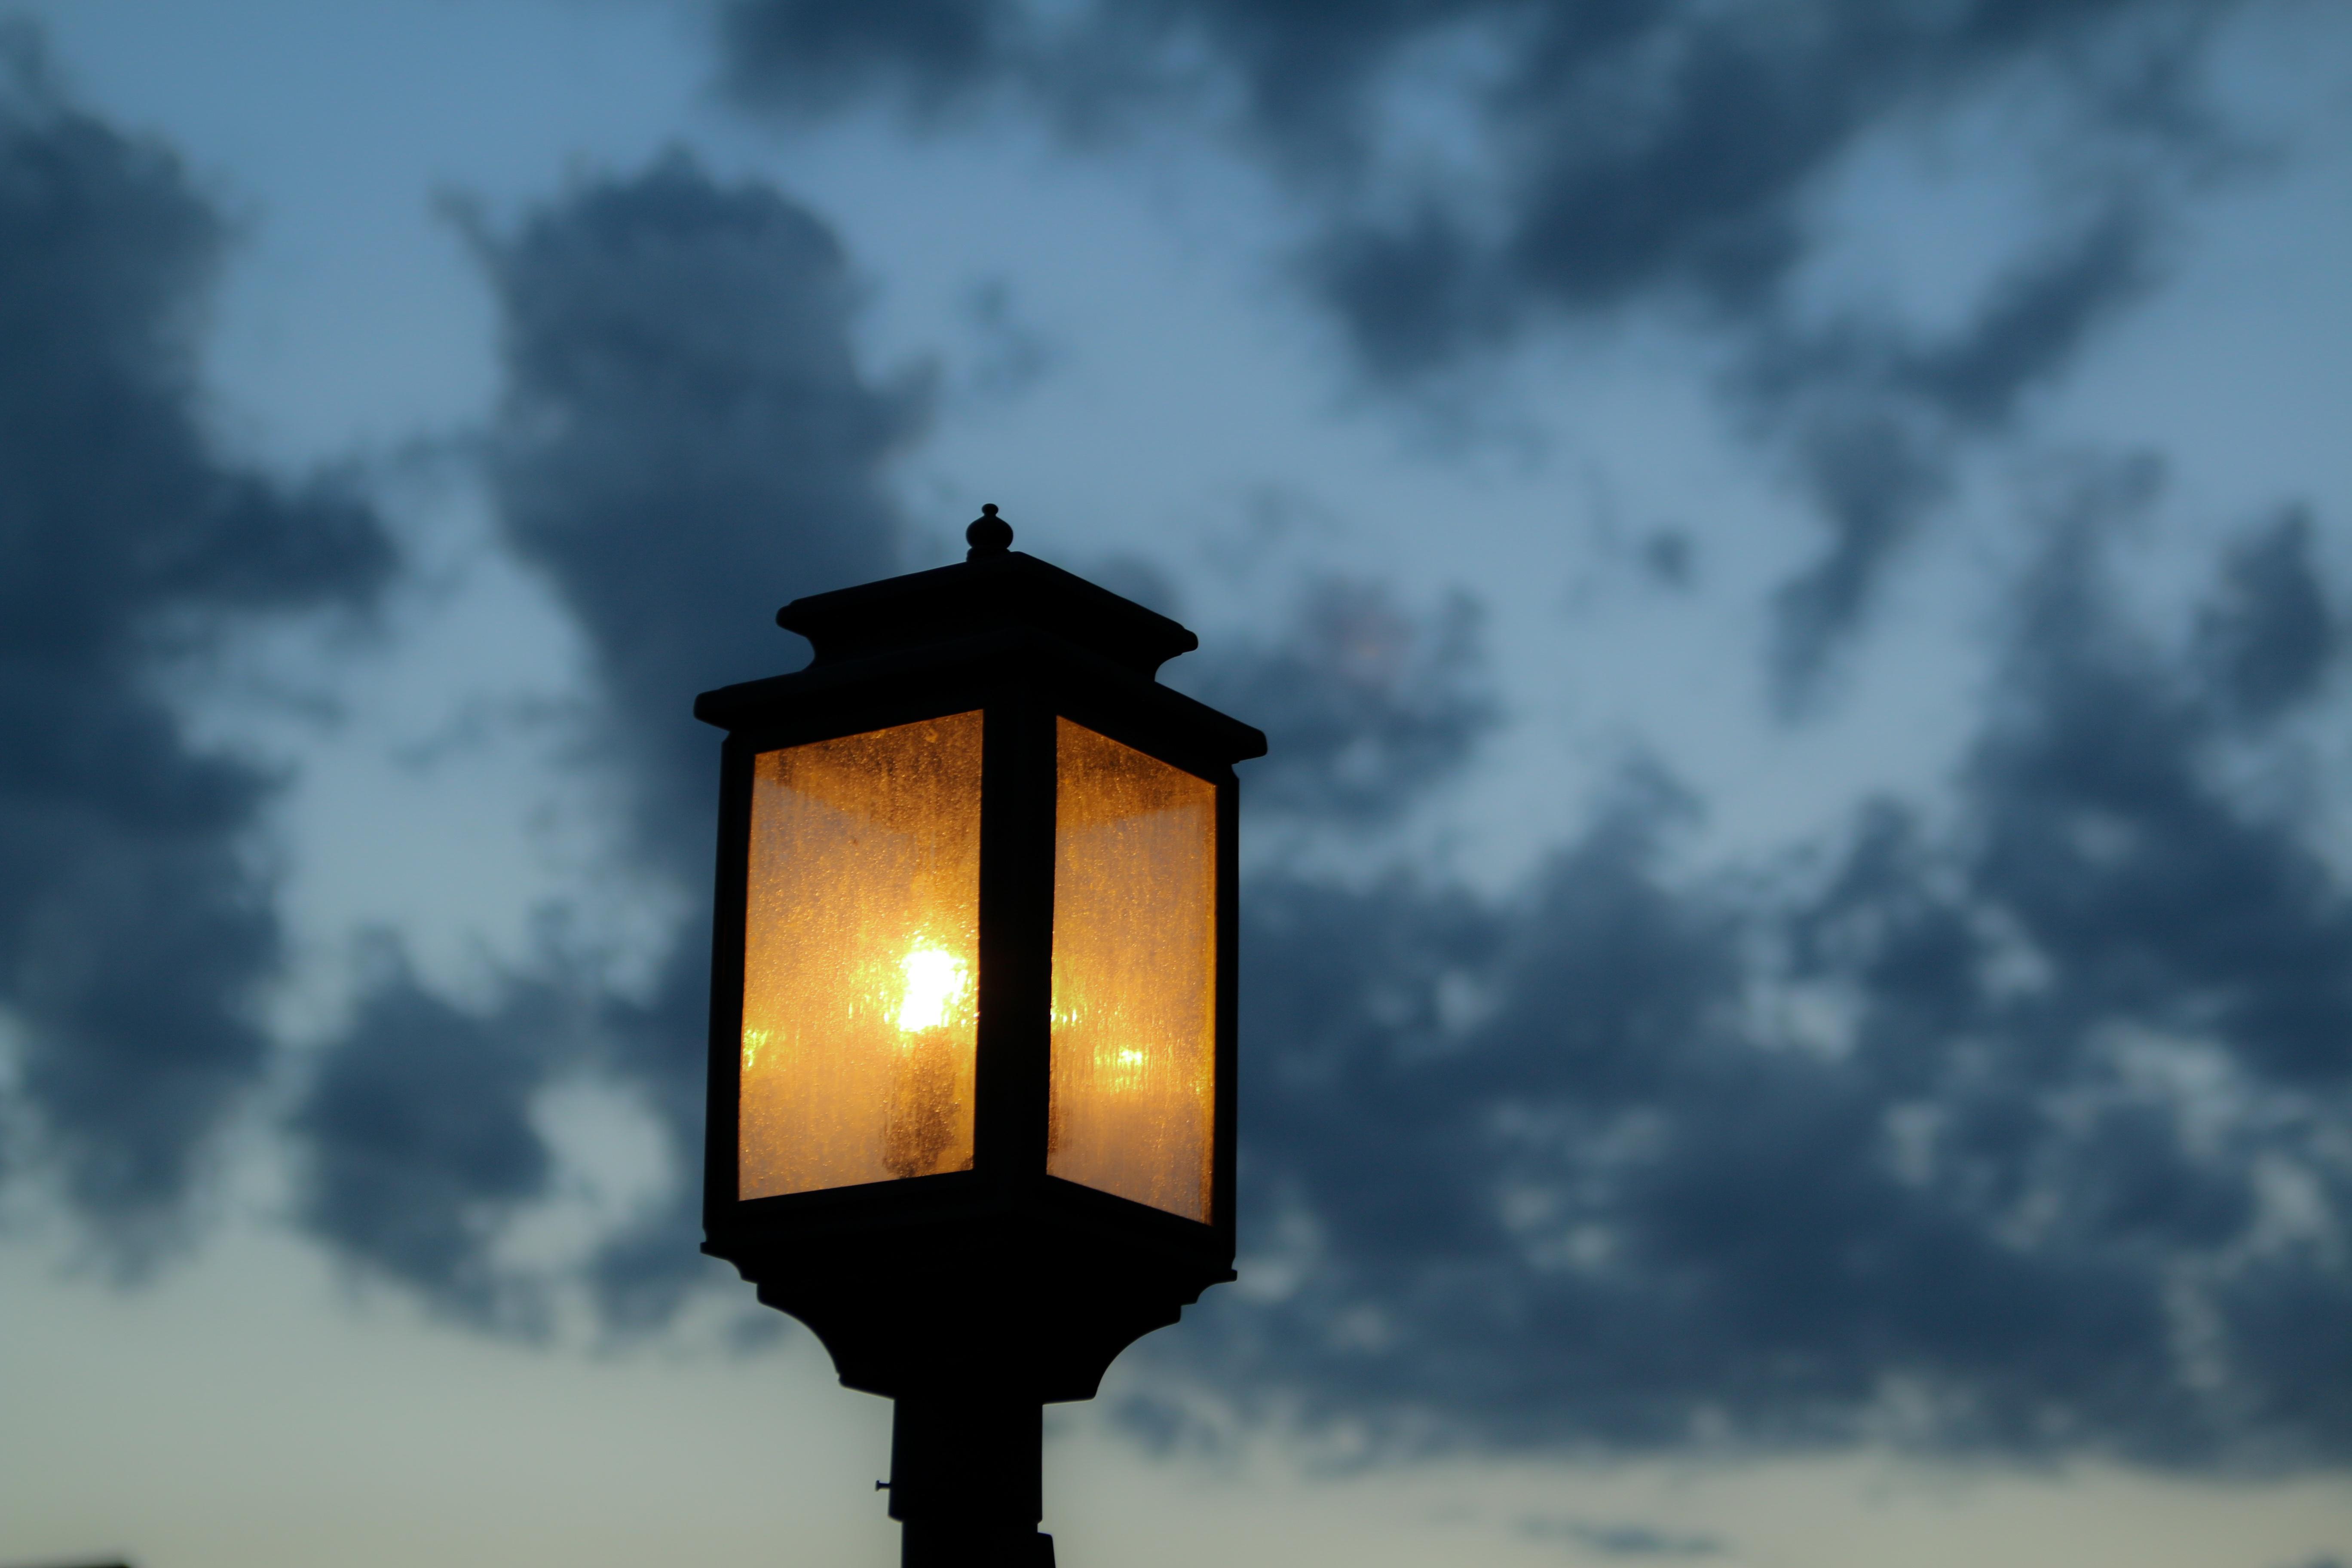 gratis afbeeldingen licht wolk hemel zonlicht avond toren duisternis blauw. Black Bedroom Furniture Sets. Home Design Ideas